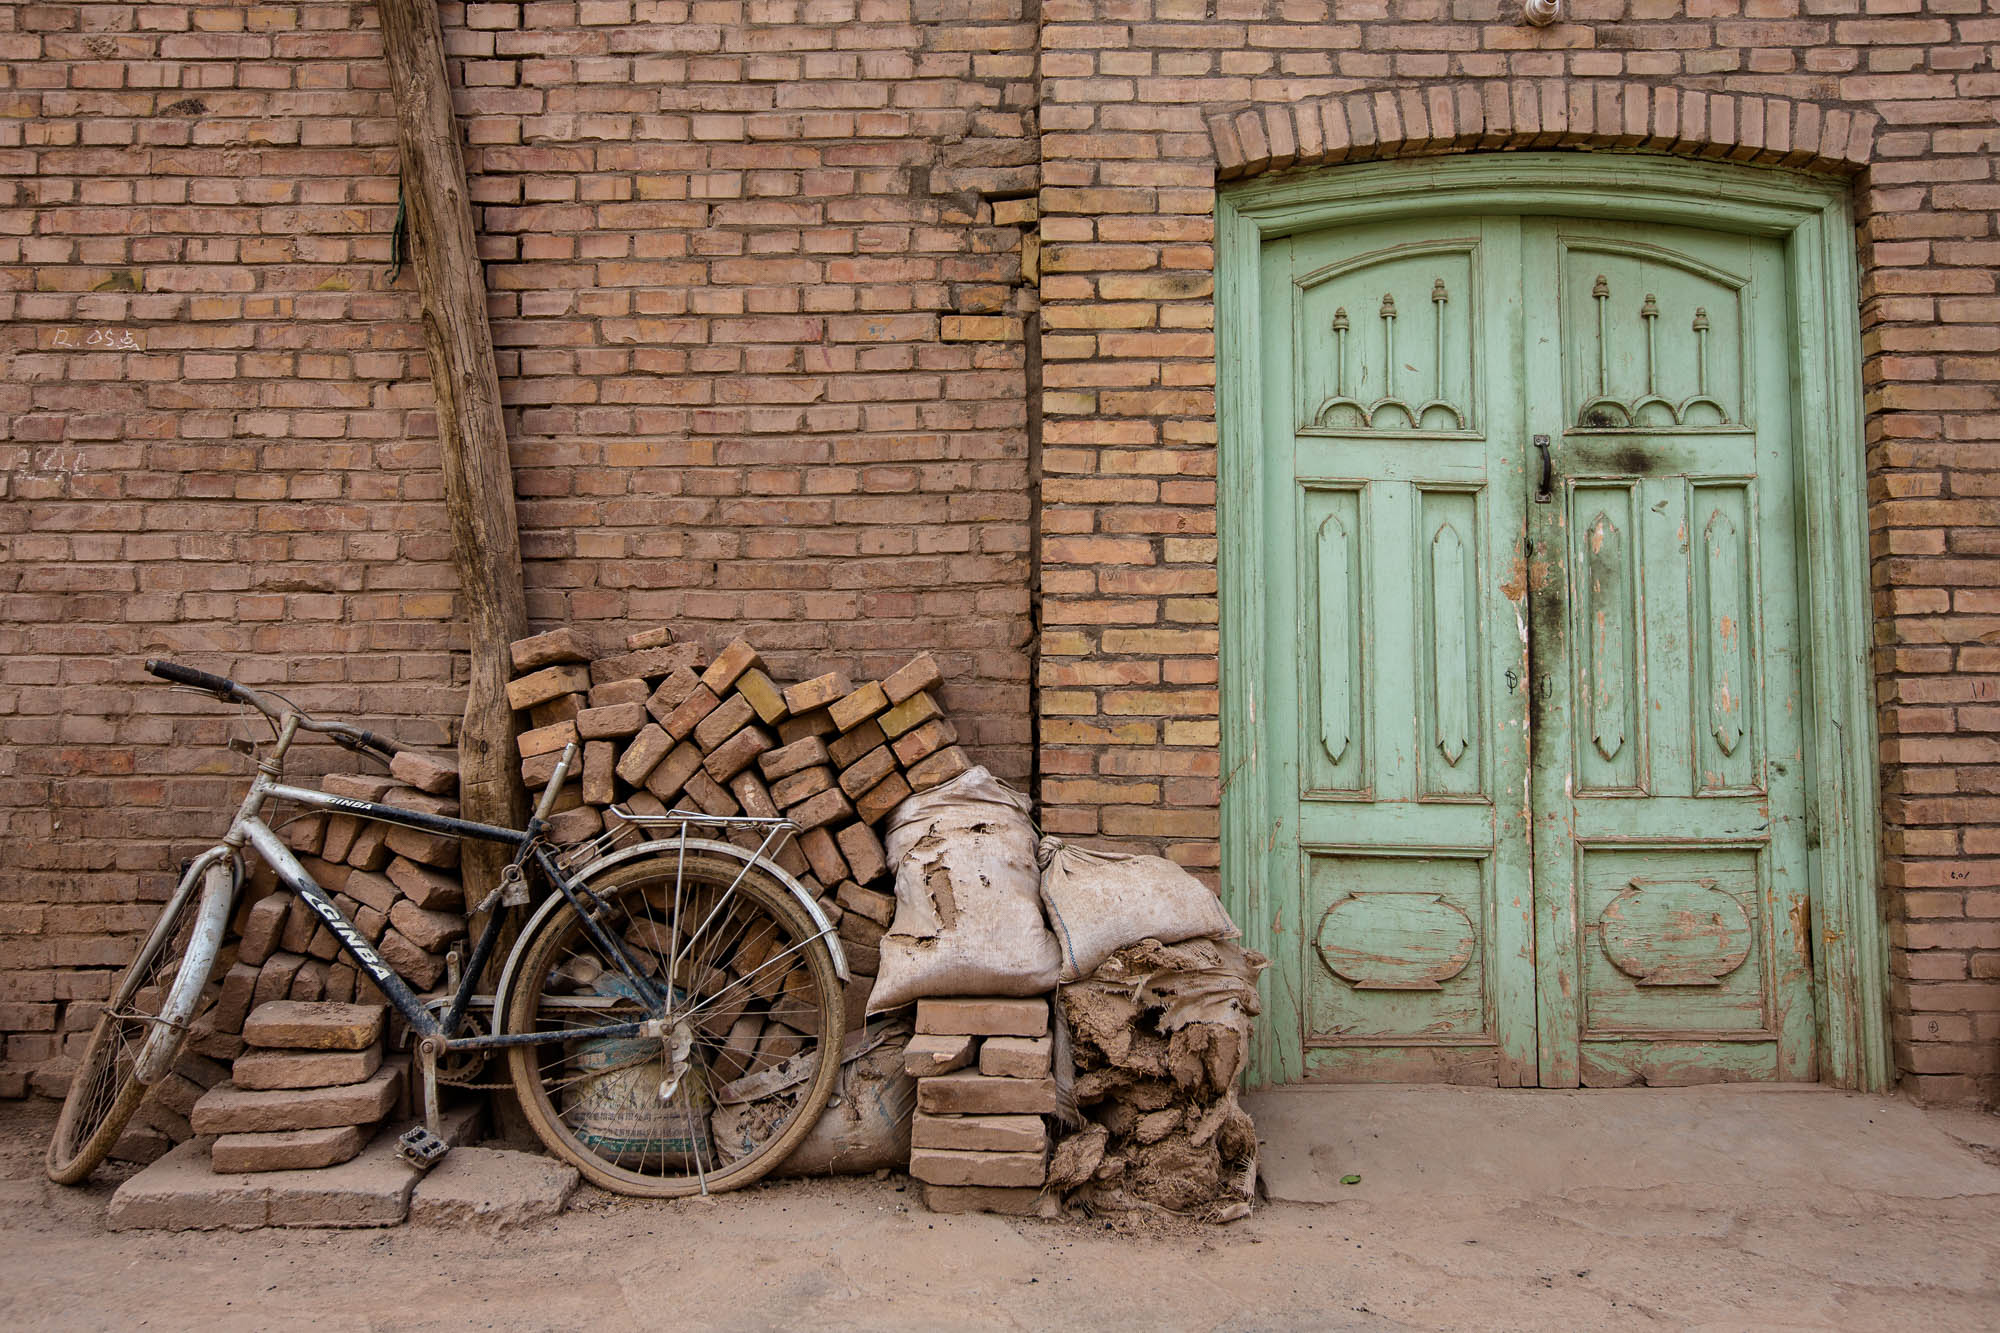 door and bicycle